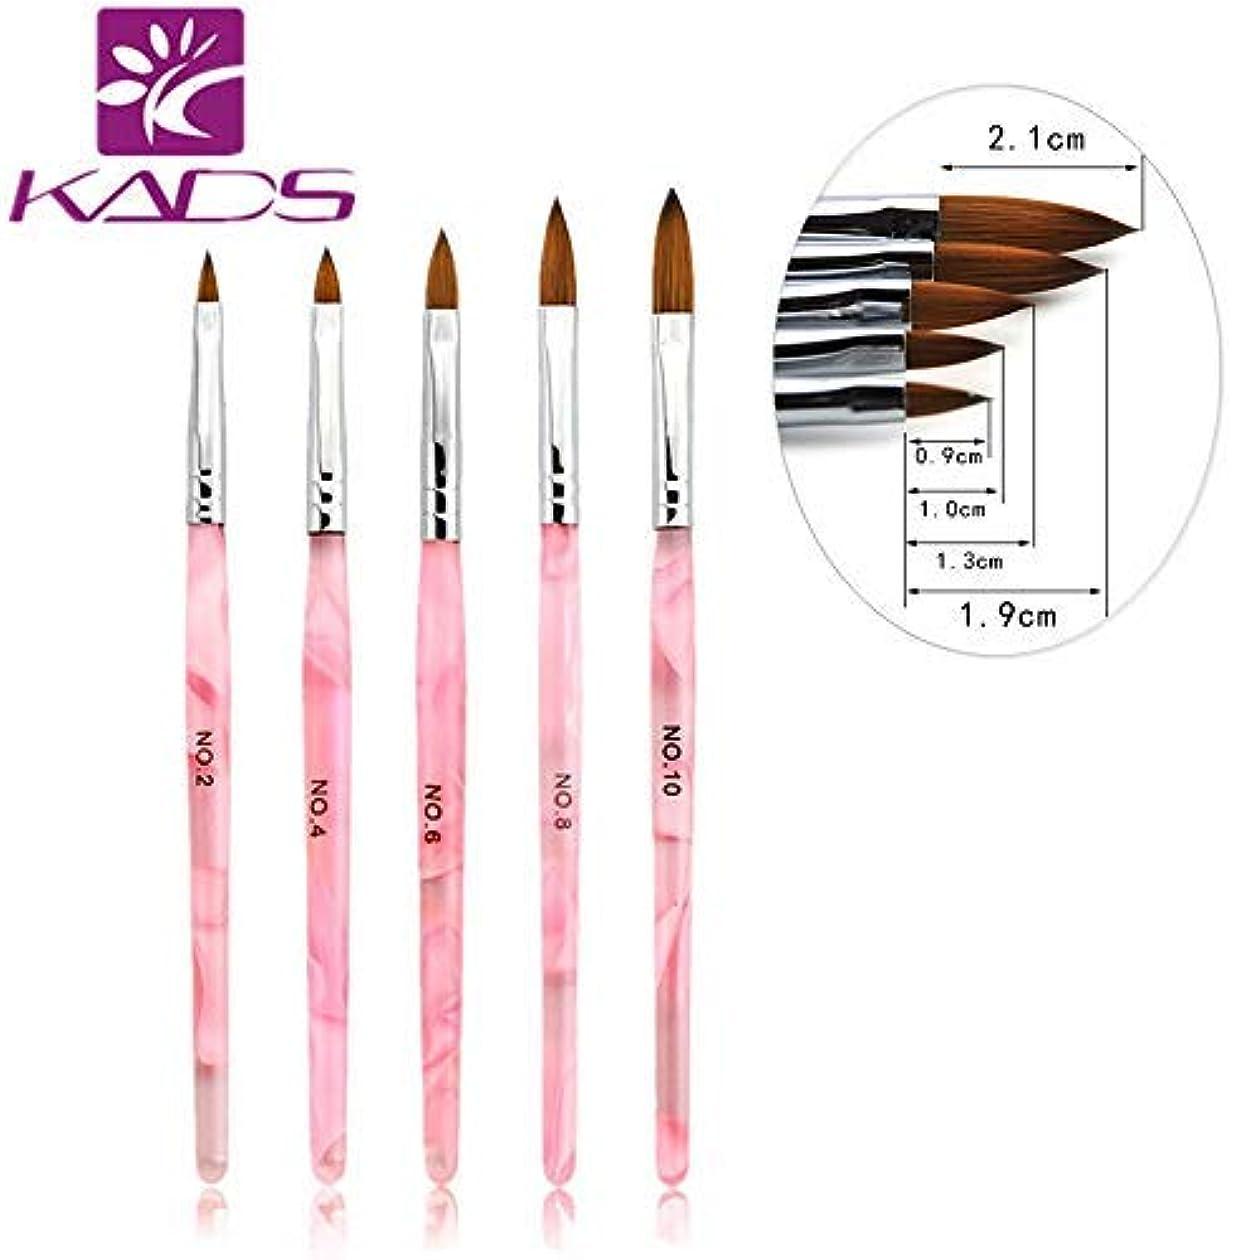 章効率的に重要KADS ネイルブラシセット スカルプネイルブラシ 5本入り 可愛いピンク色 アクリルネイル用筆 ネイルブラシセット ネイルアート専用ブラシ